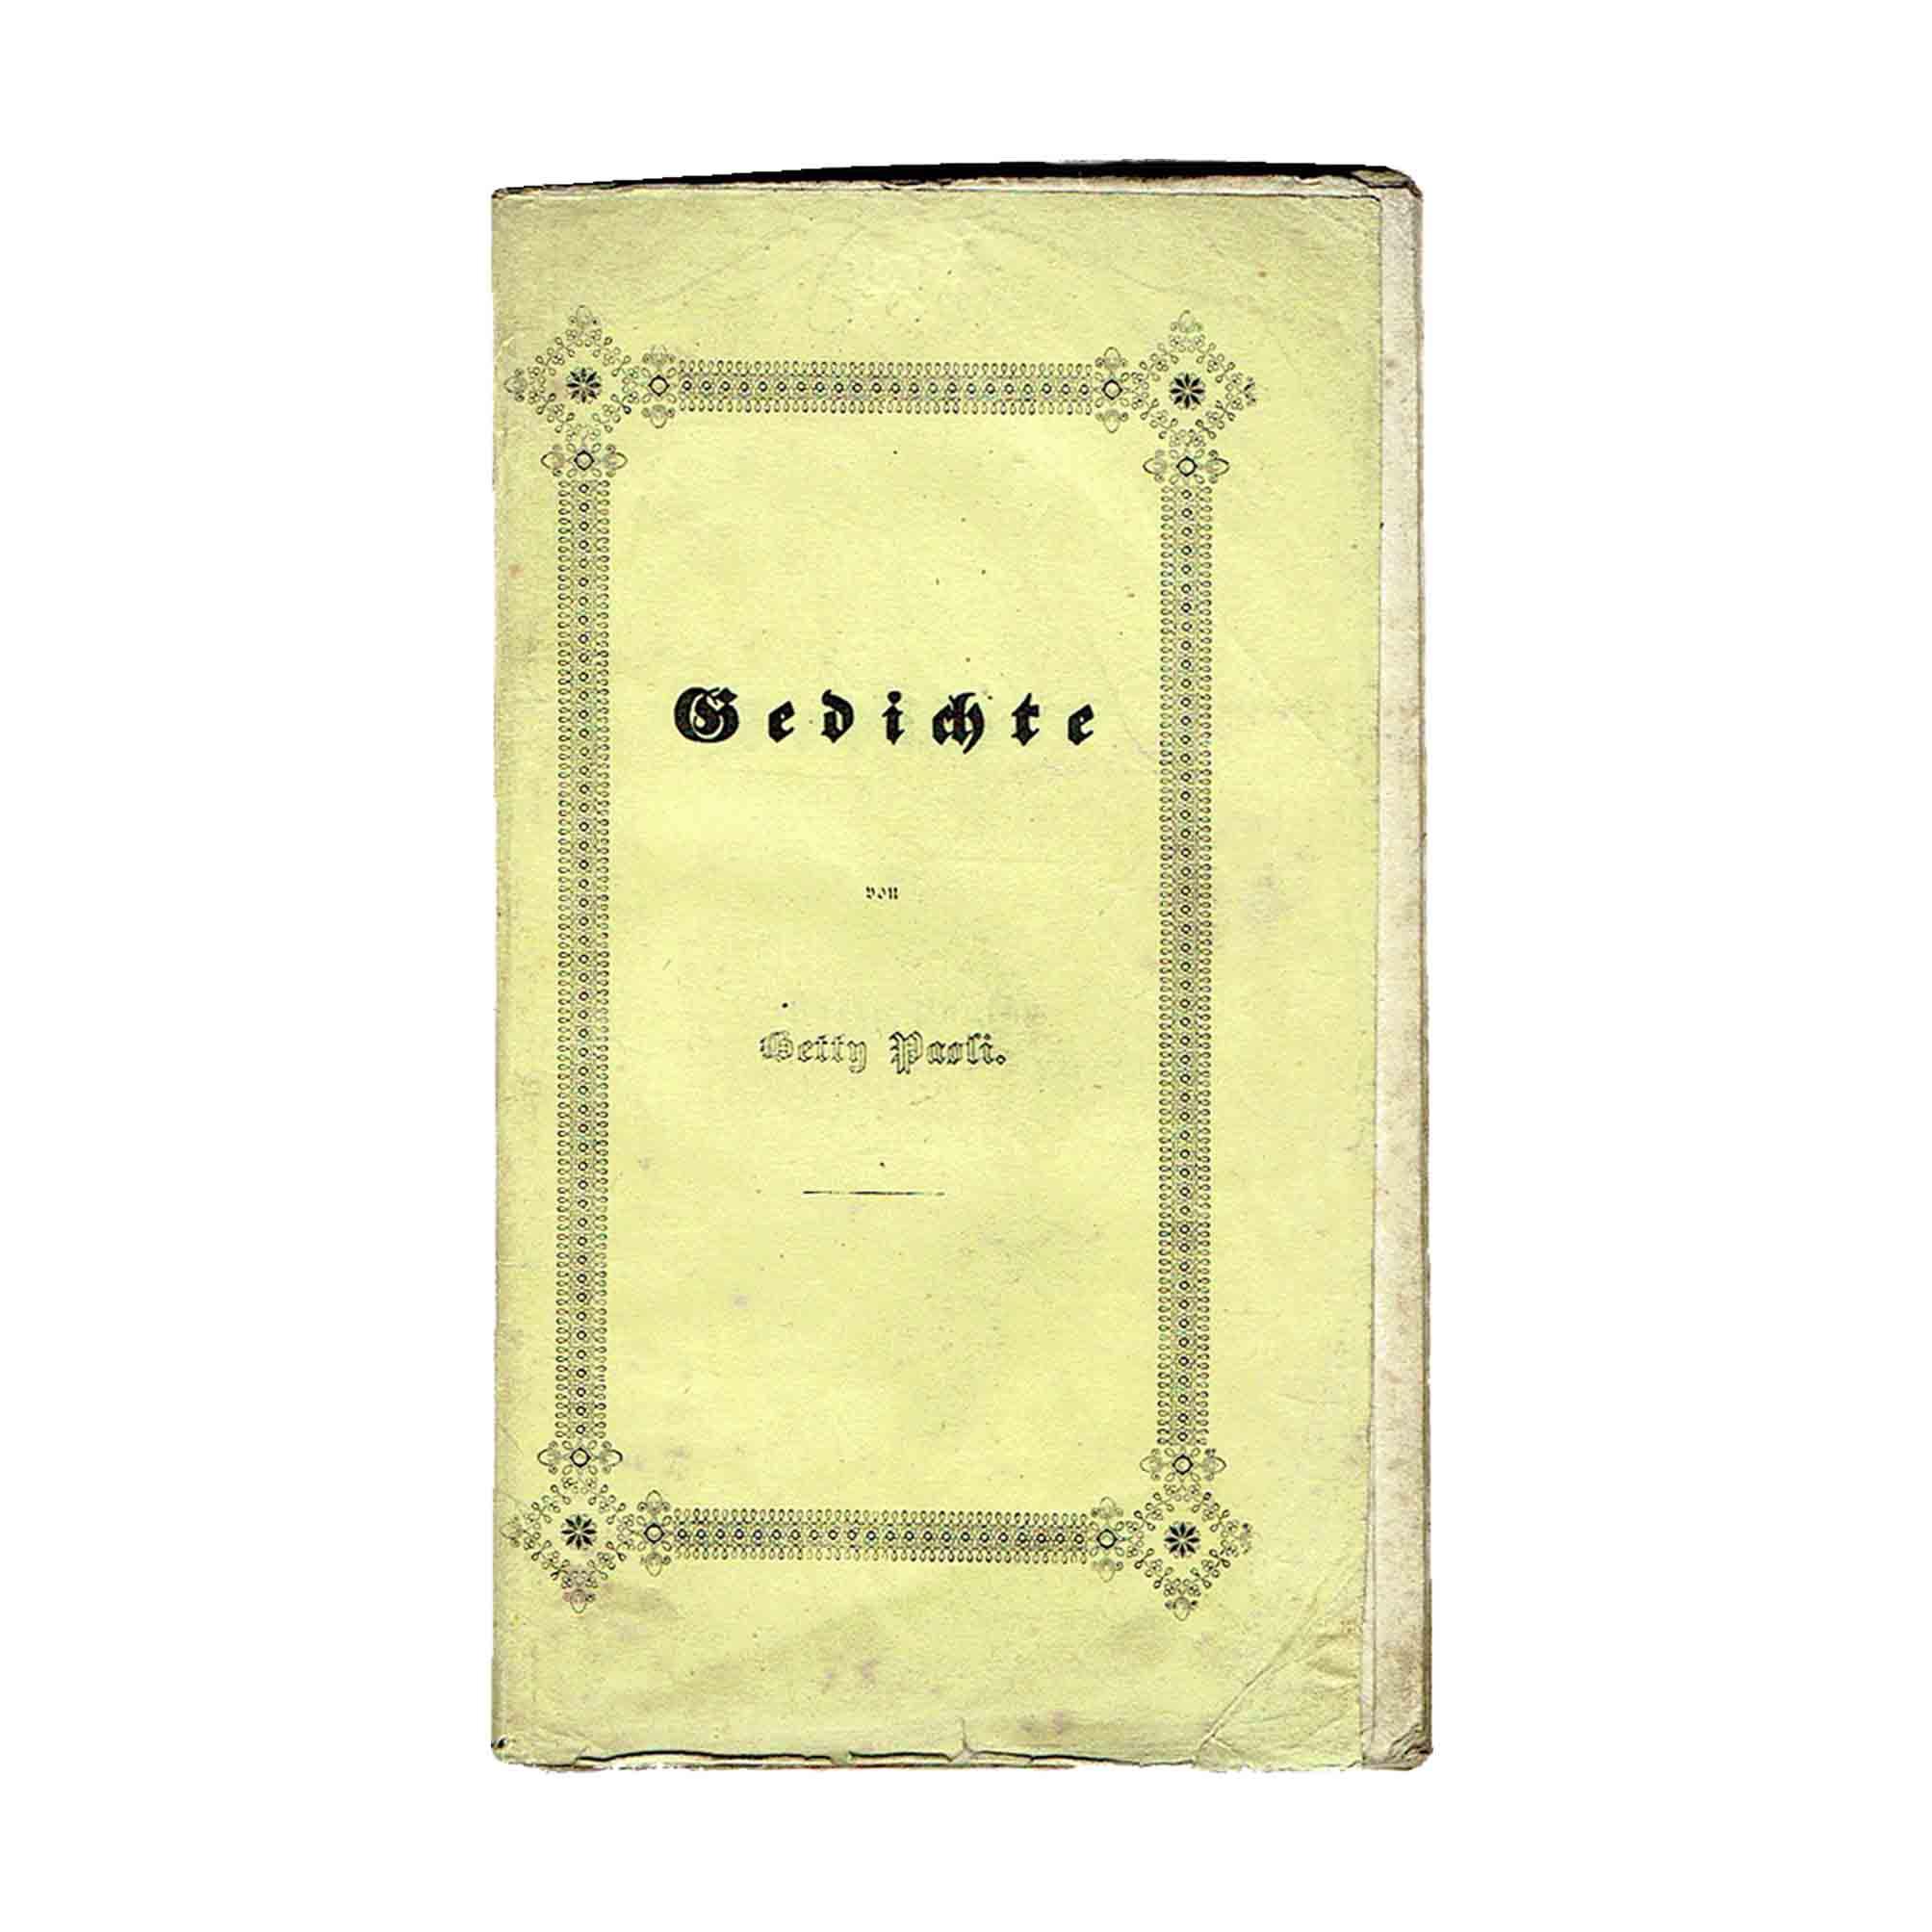 5986-Paoli-Gedichte-1841-Umschlag-frei-N.jpeg